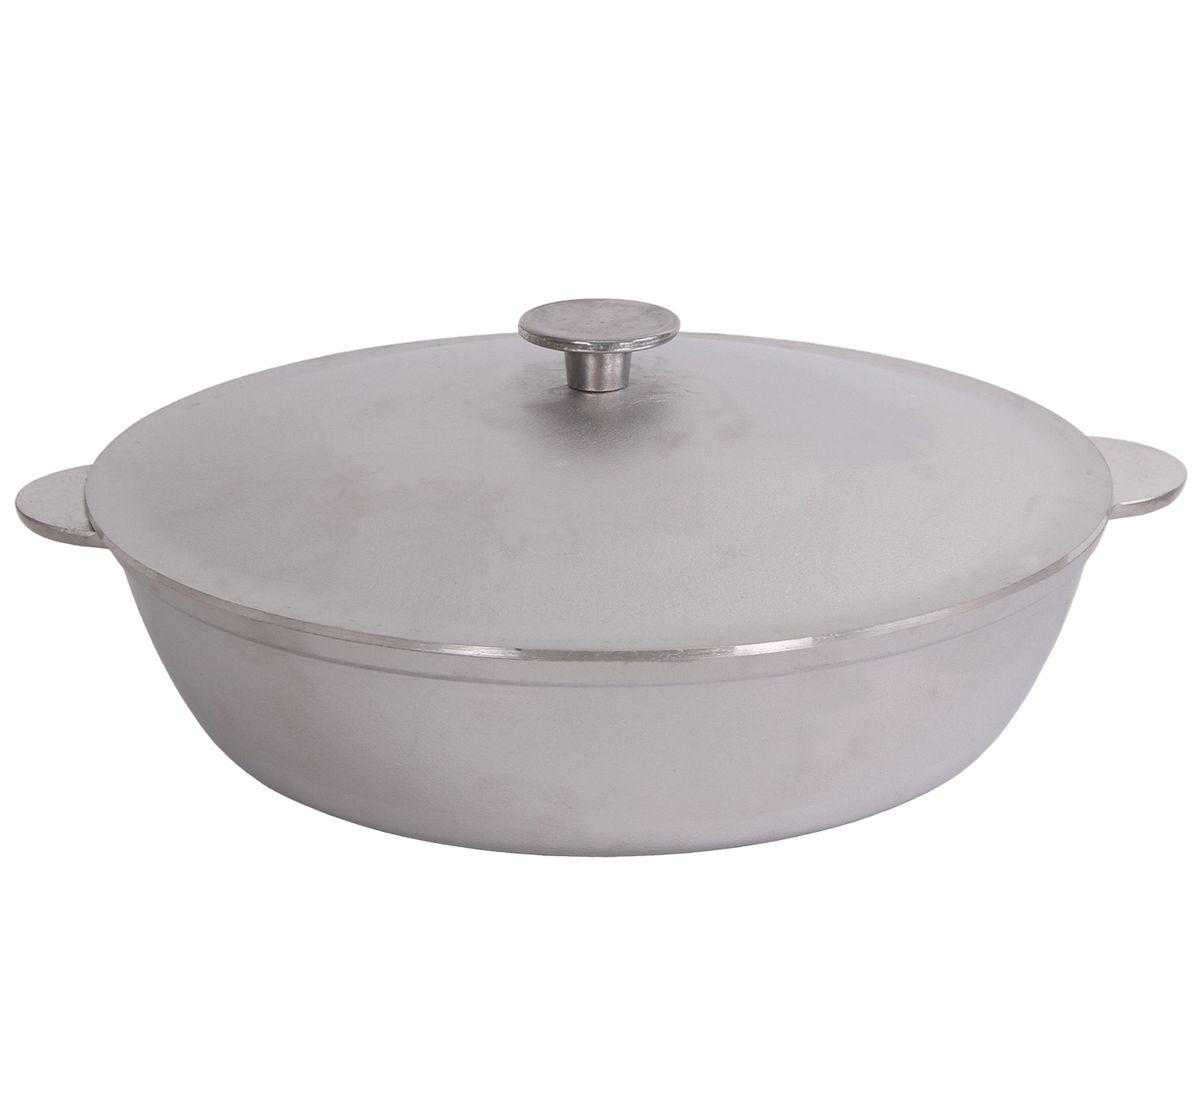 Сковорода Биол с крышкой. Диаметр 32 смА323Сковорода Биол изготовлена из литого алюминия. Изделие оснащено плотно прилегающей крышкой, позволяющей сохранить аромат готовящегося блюда. Сковорода снабжена двумя эргономичными ручками. Нельзя оставлять приготовленную пищу в посуде для хранения. Сковороду можно использовать на газовых, электрических и стеклокерамических плитах. Высота стенки: 8,3 см. Диаметр (по верхнему краю): 32 см. Ширина (с учетом ручек): 37,5 см.